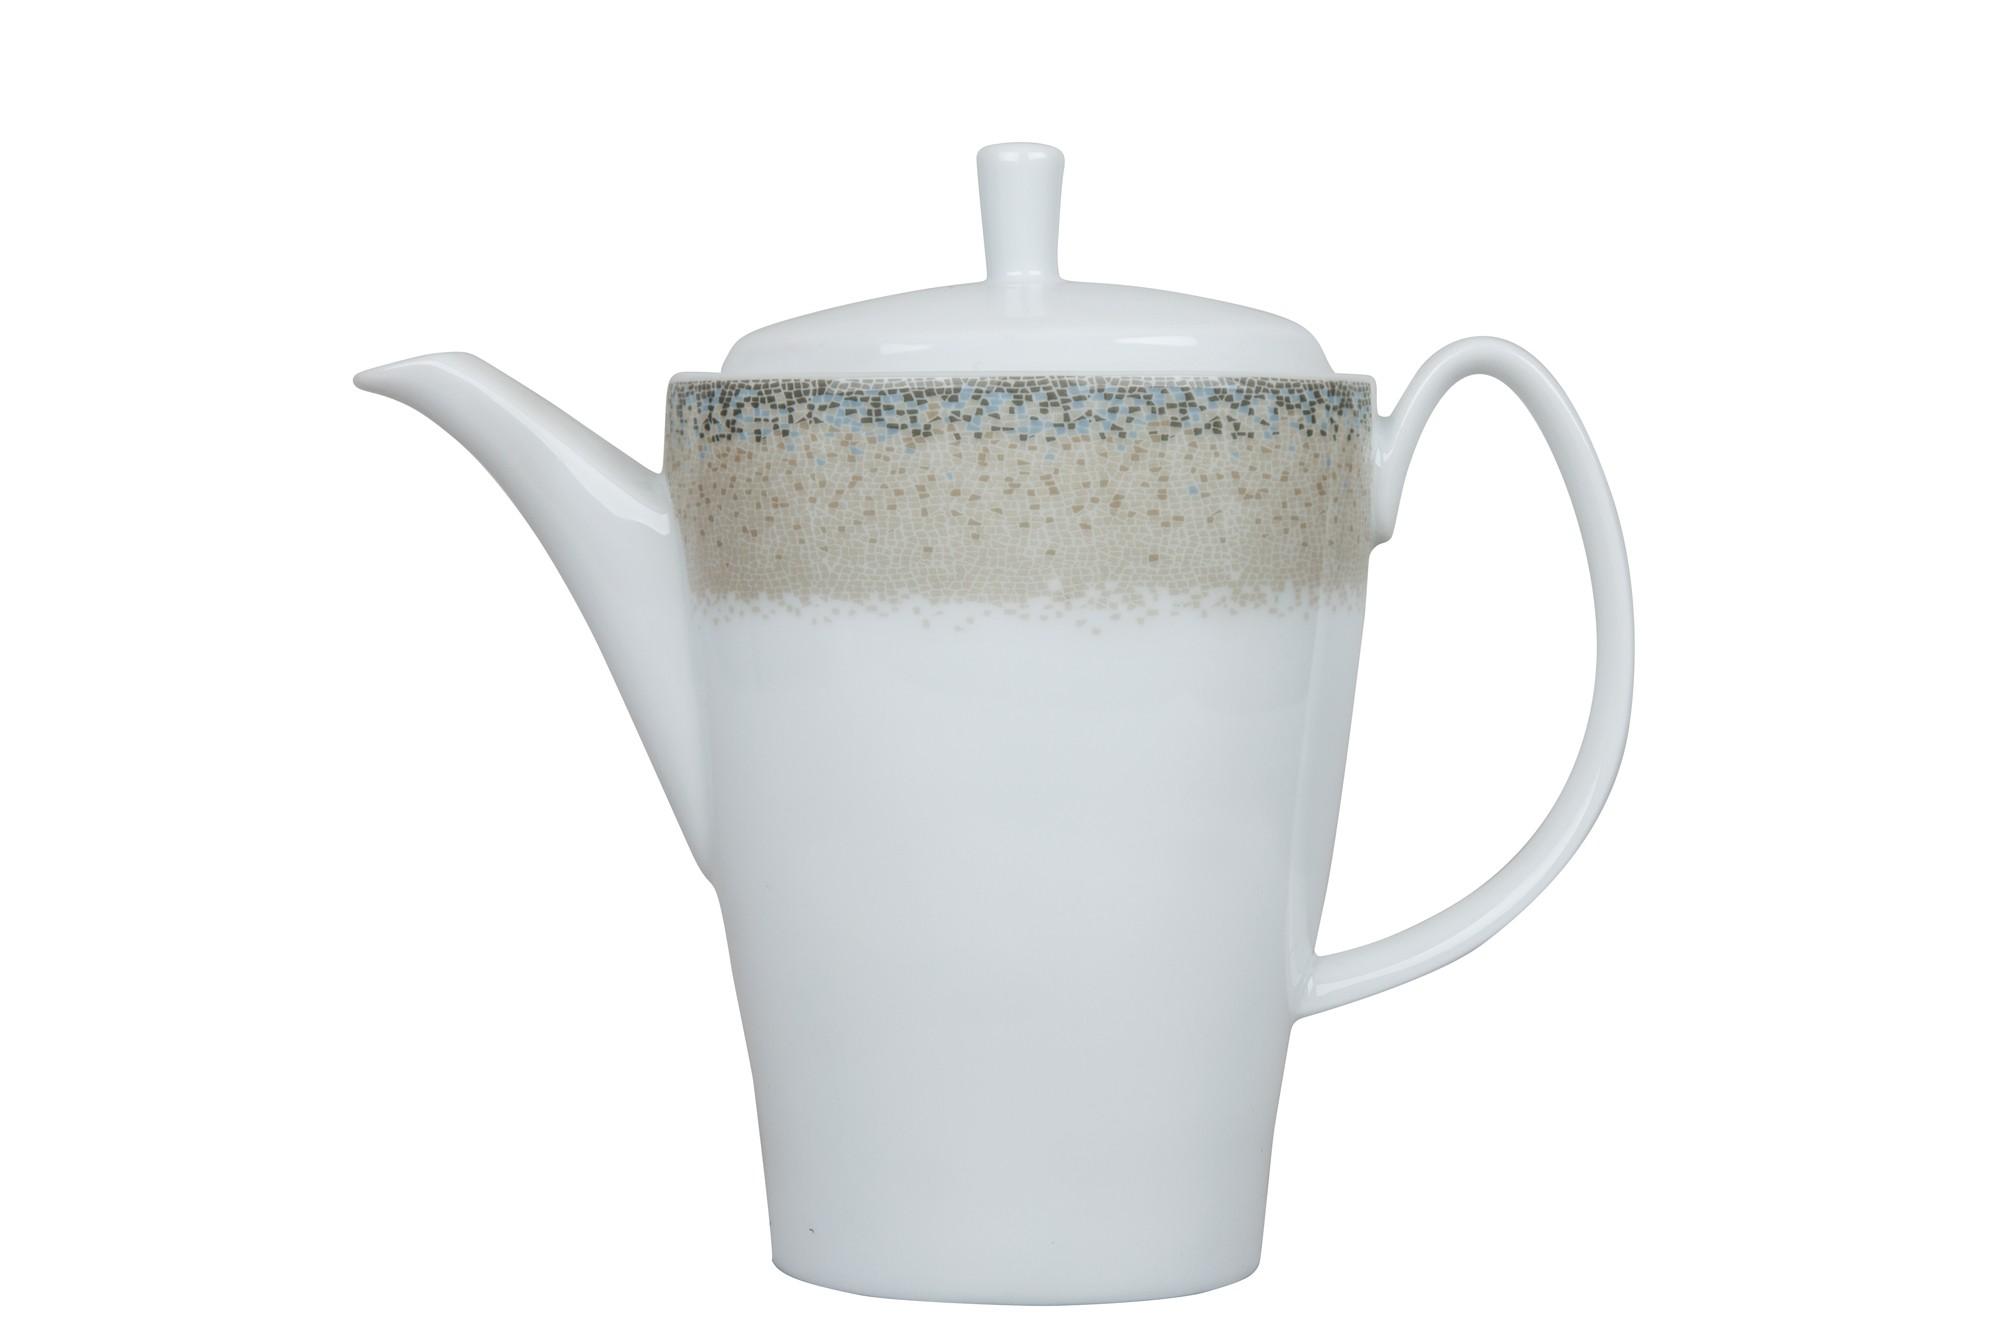 Τσαγιέρα Πορσελάνης Apeiron Beige Ionia 1,35lt home   ειδη cafe τσαϊ   τσαγιέρες